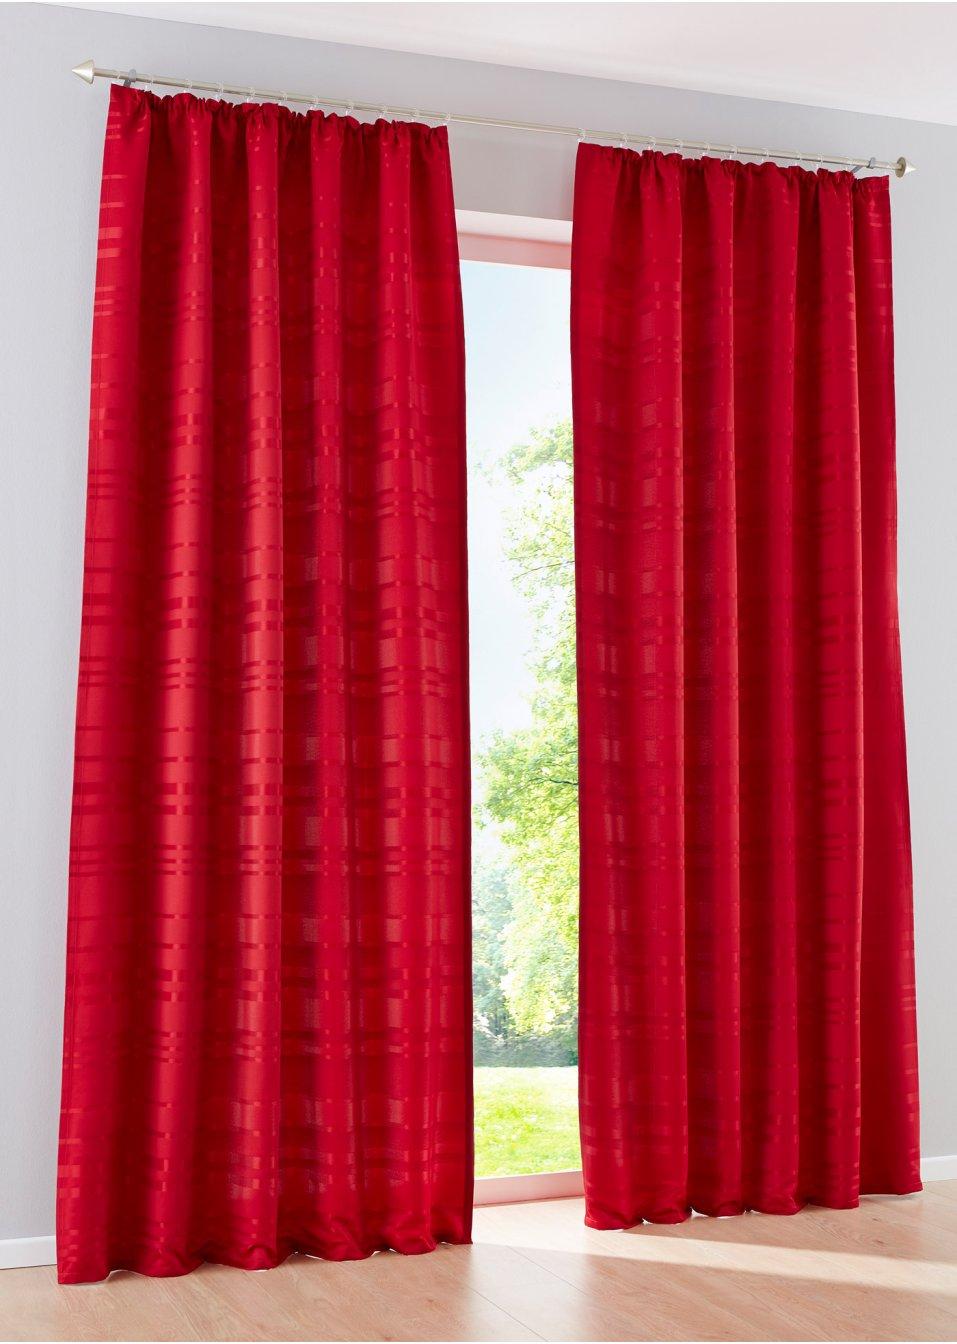 Vorhang stripes 1er pack kr uselband beere wohnen for Bonprix vorhang